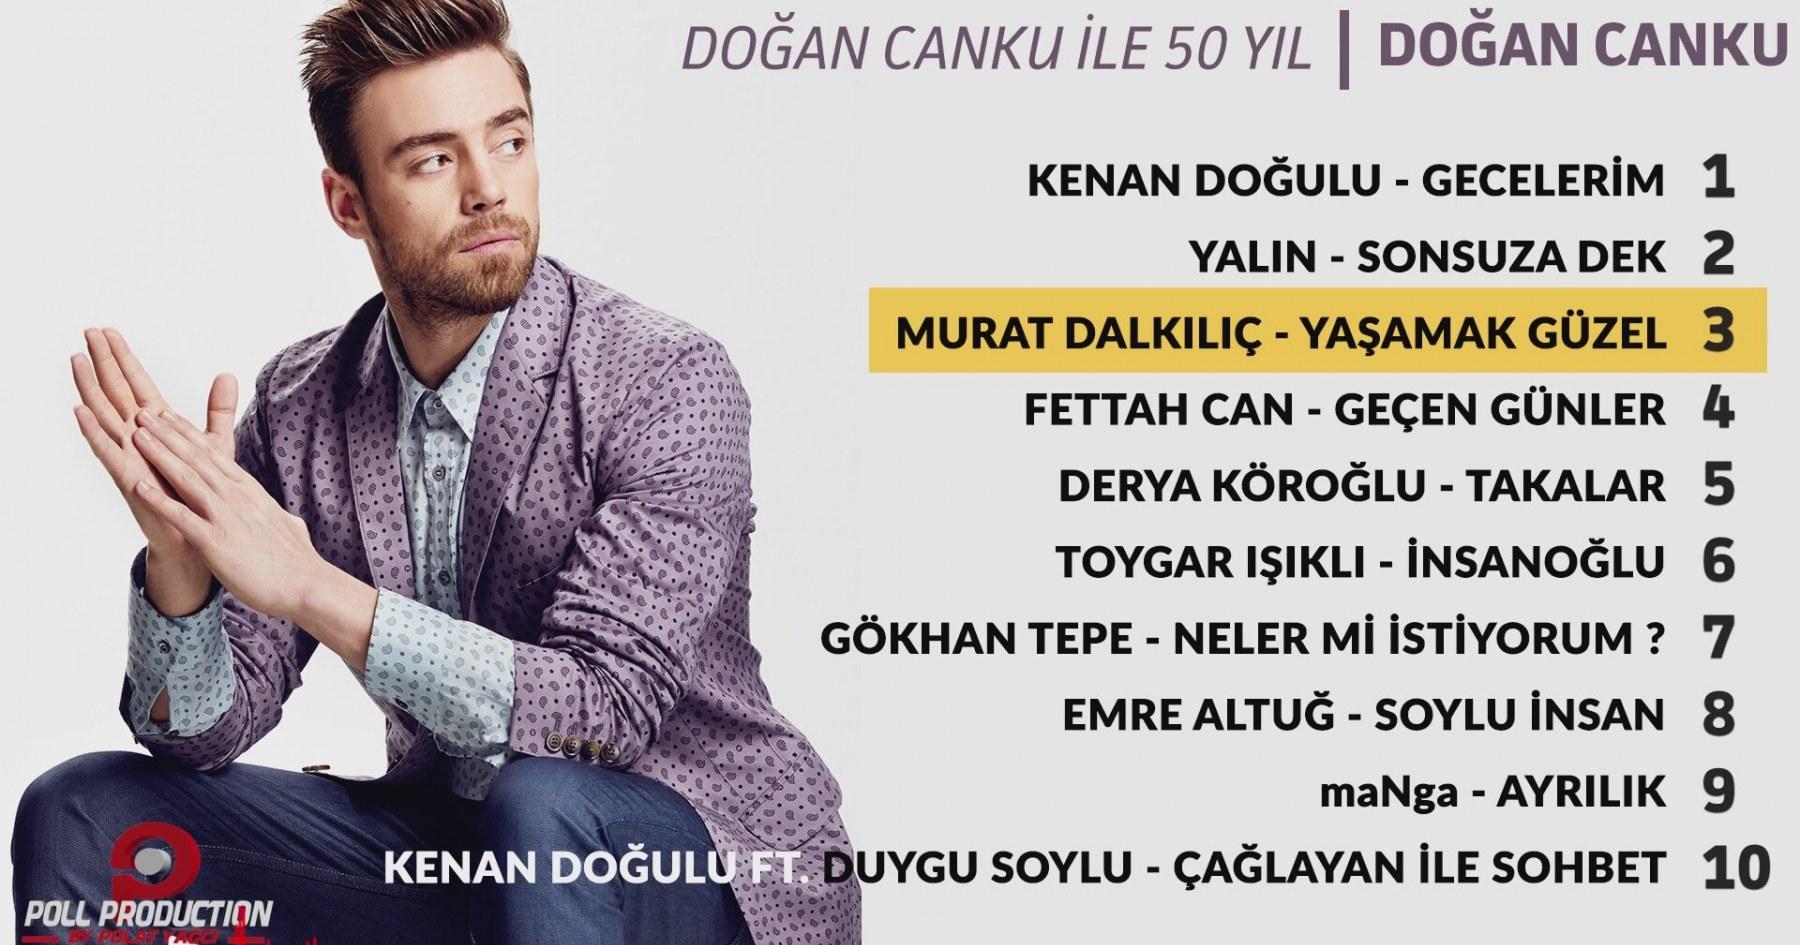 دانلود آهنگ ترکی استانبولی 2016